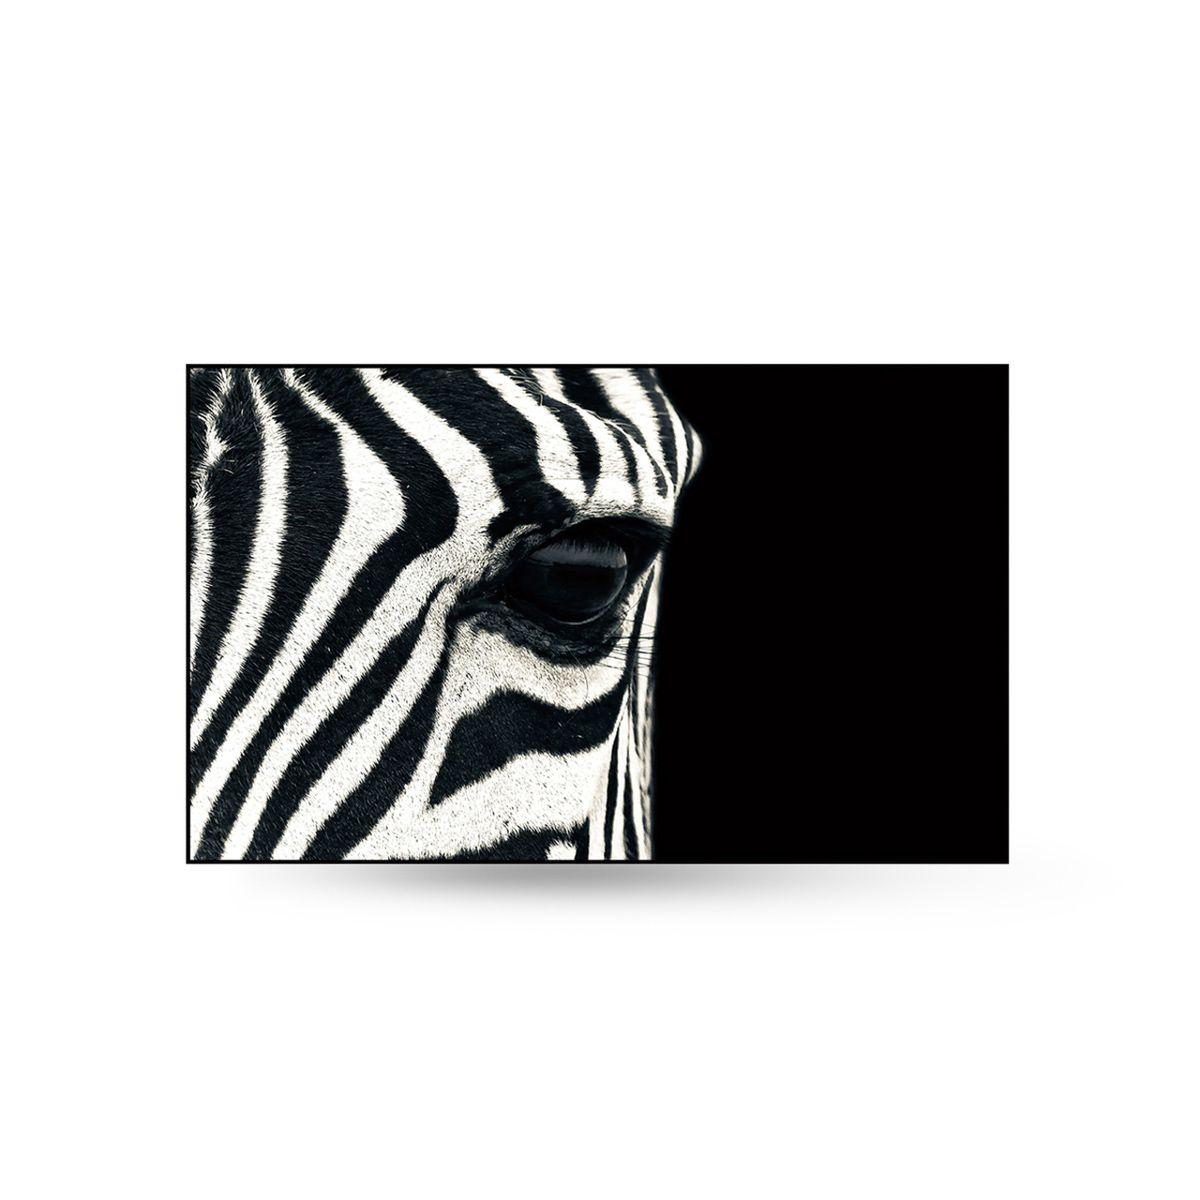 Quadro Decor A Zebra